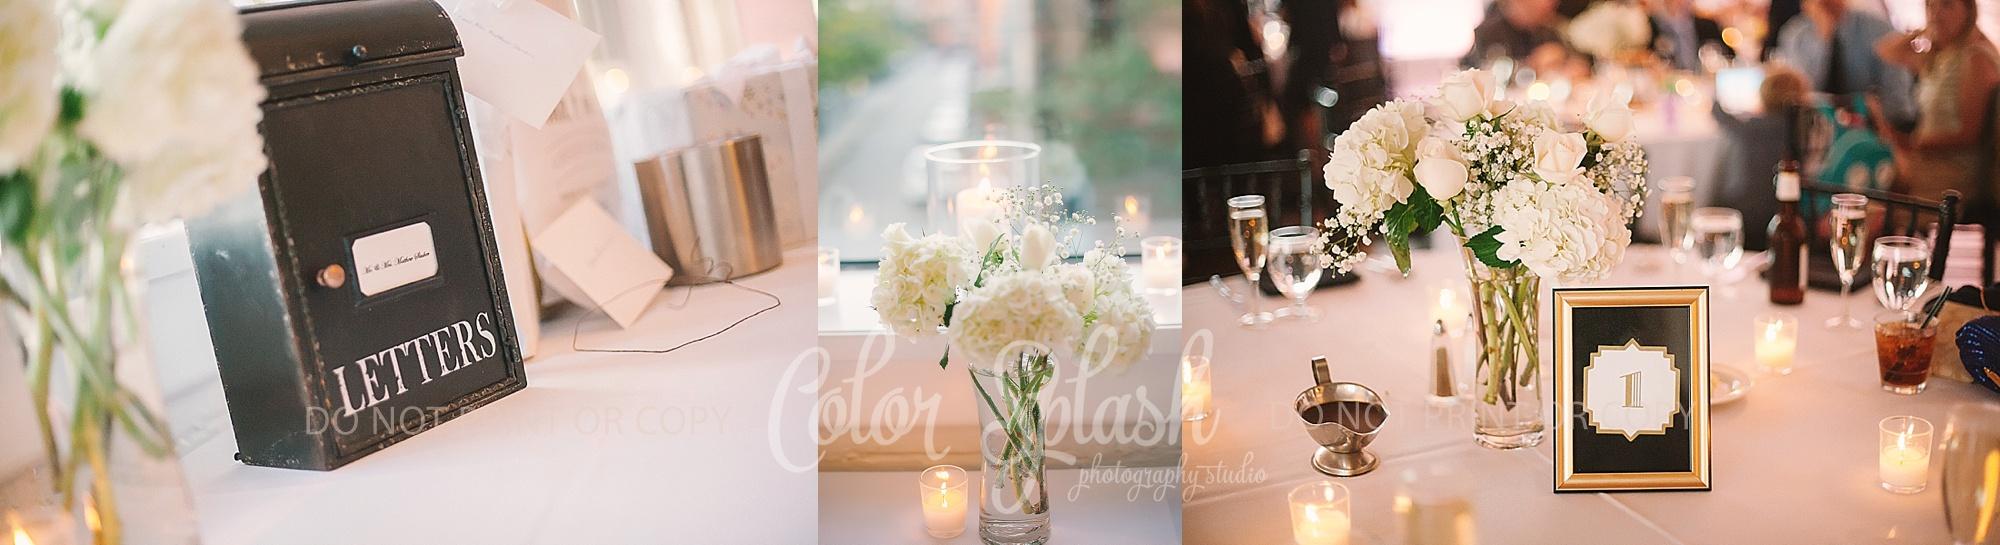 skydeck-kalamazoo-wedding_0246